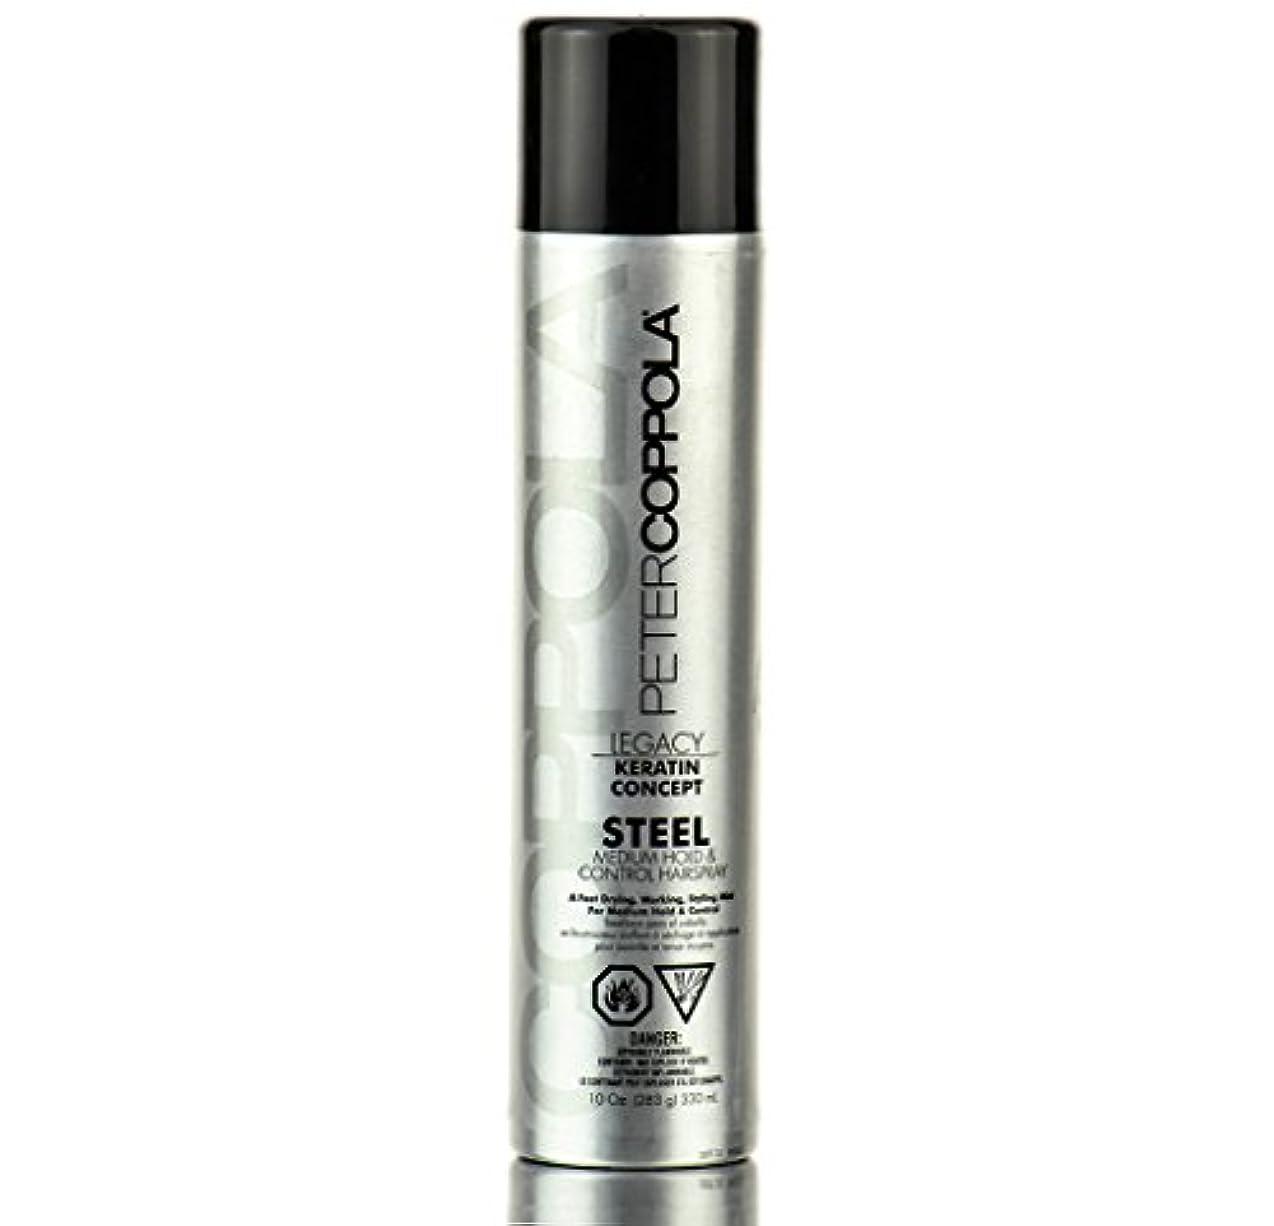 かどうかシリンダー偉業Peter Coppola スチールヘアスプレー - 軽量、ミディアムホールド、柔軟なホールドは、スタイリングヘアボリューム&スタイリングのすべての髪のタイプを追加するための10オンスミディアムシャインスプレー medium_hold